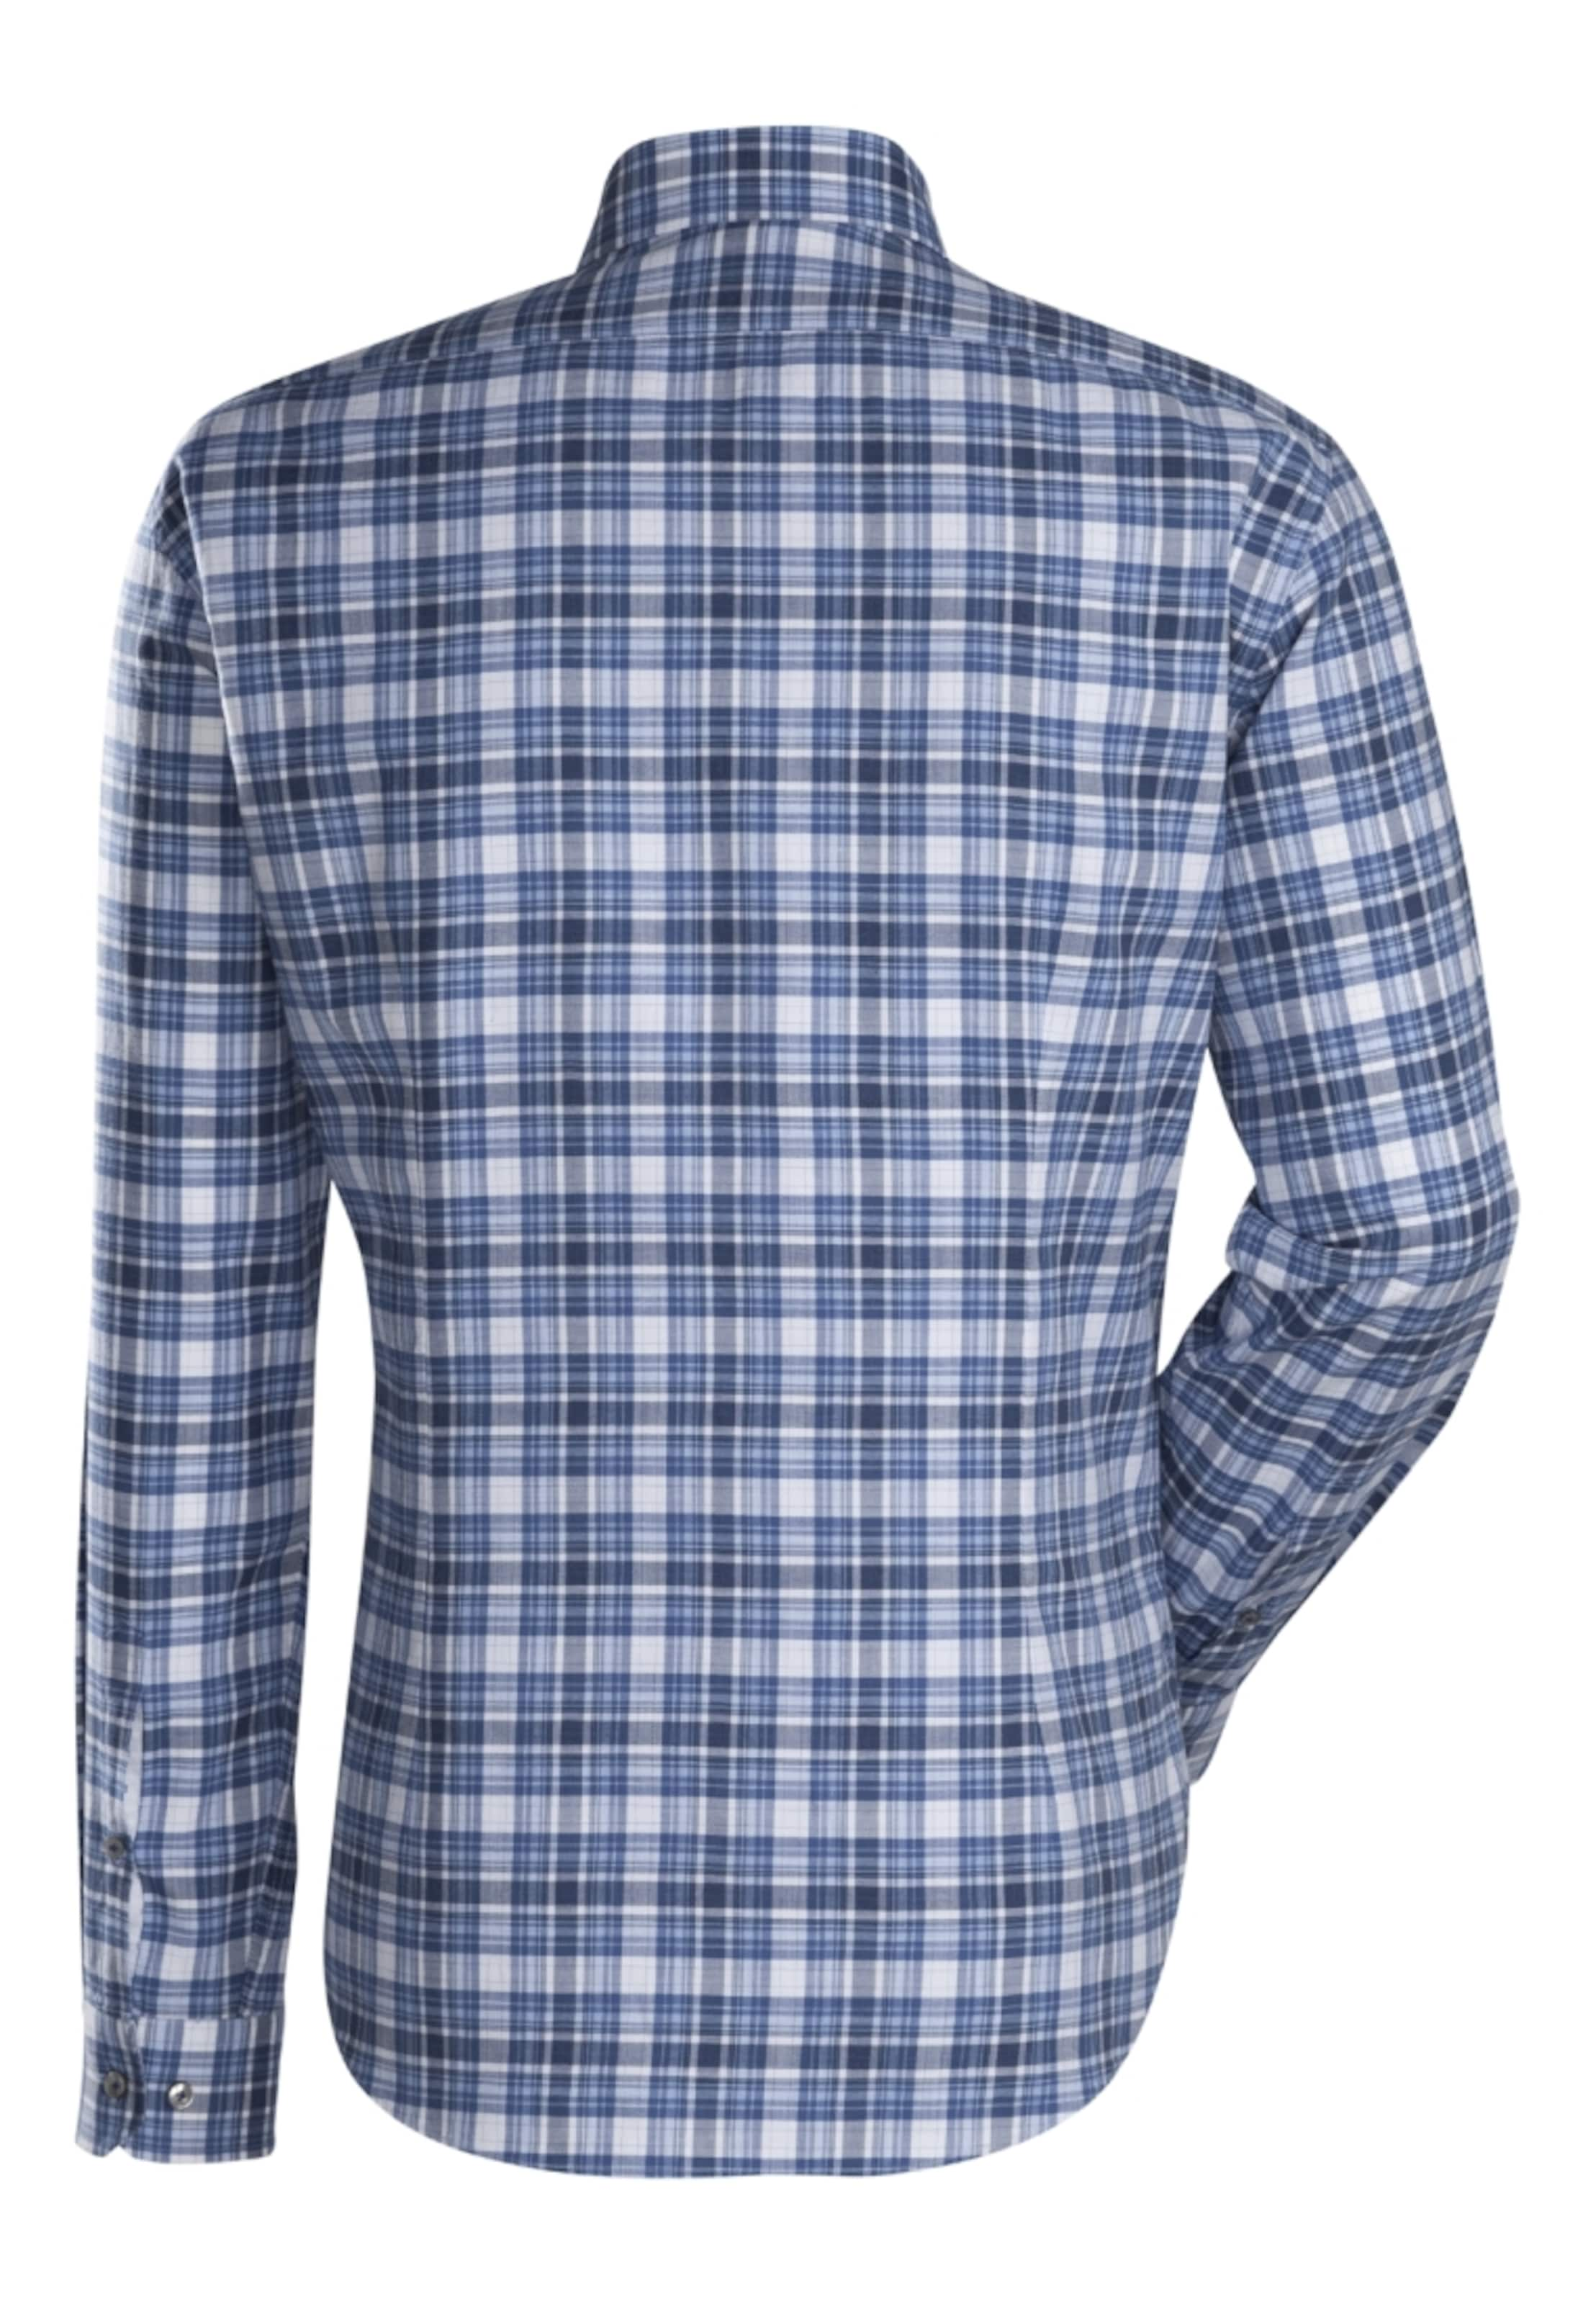 Vorbestellung Jacques Britt Casual-Hemd 'Custom Fit' Großer Rabatt Auslass Beste Ort Verkauf Niedriger Versand vh2EDf